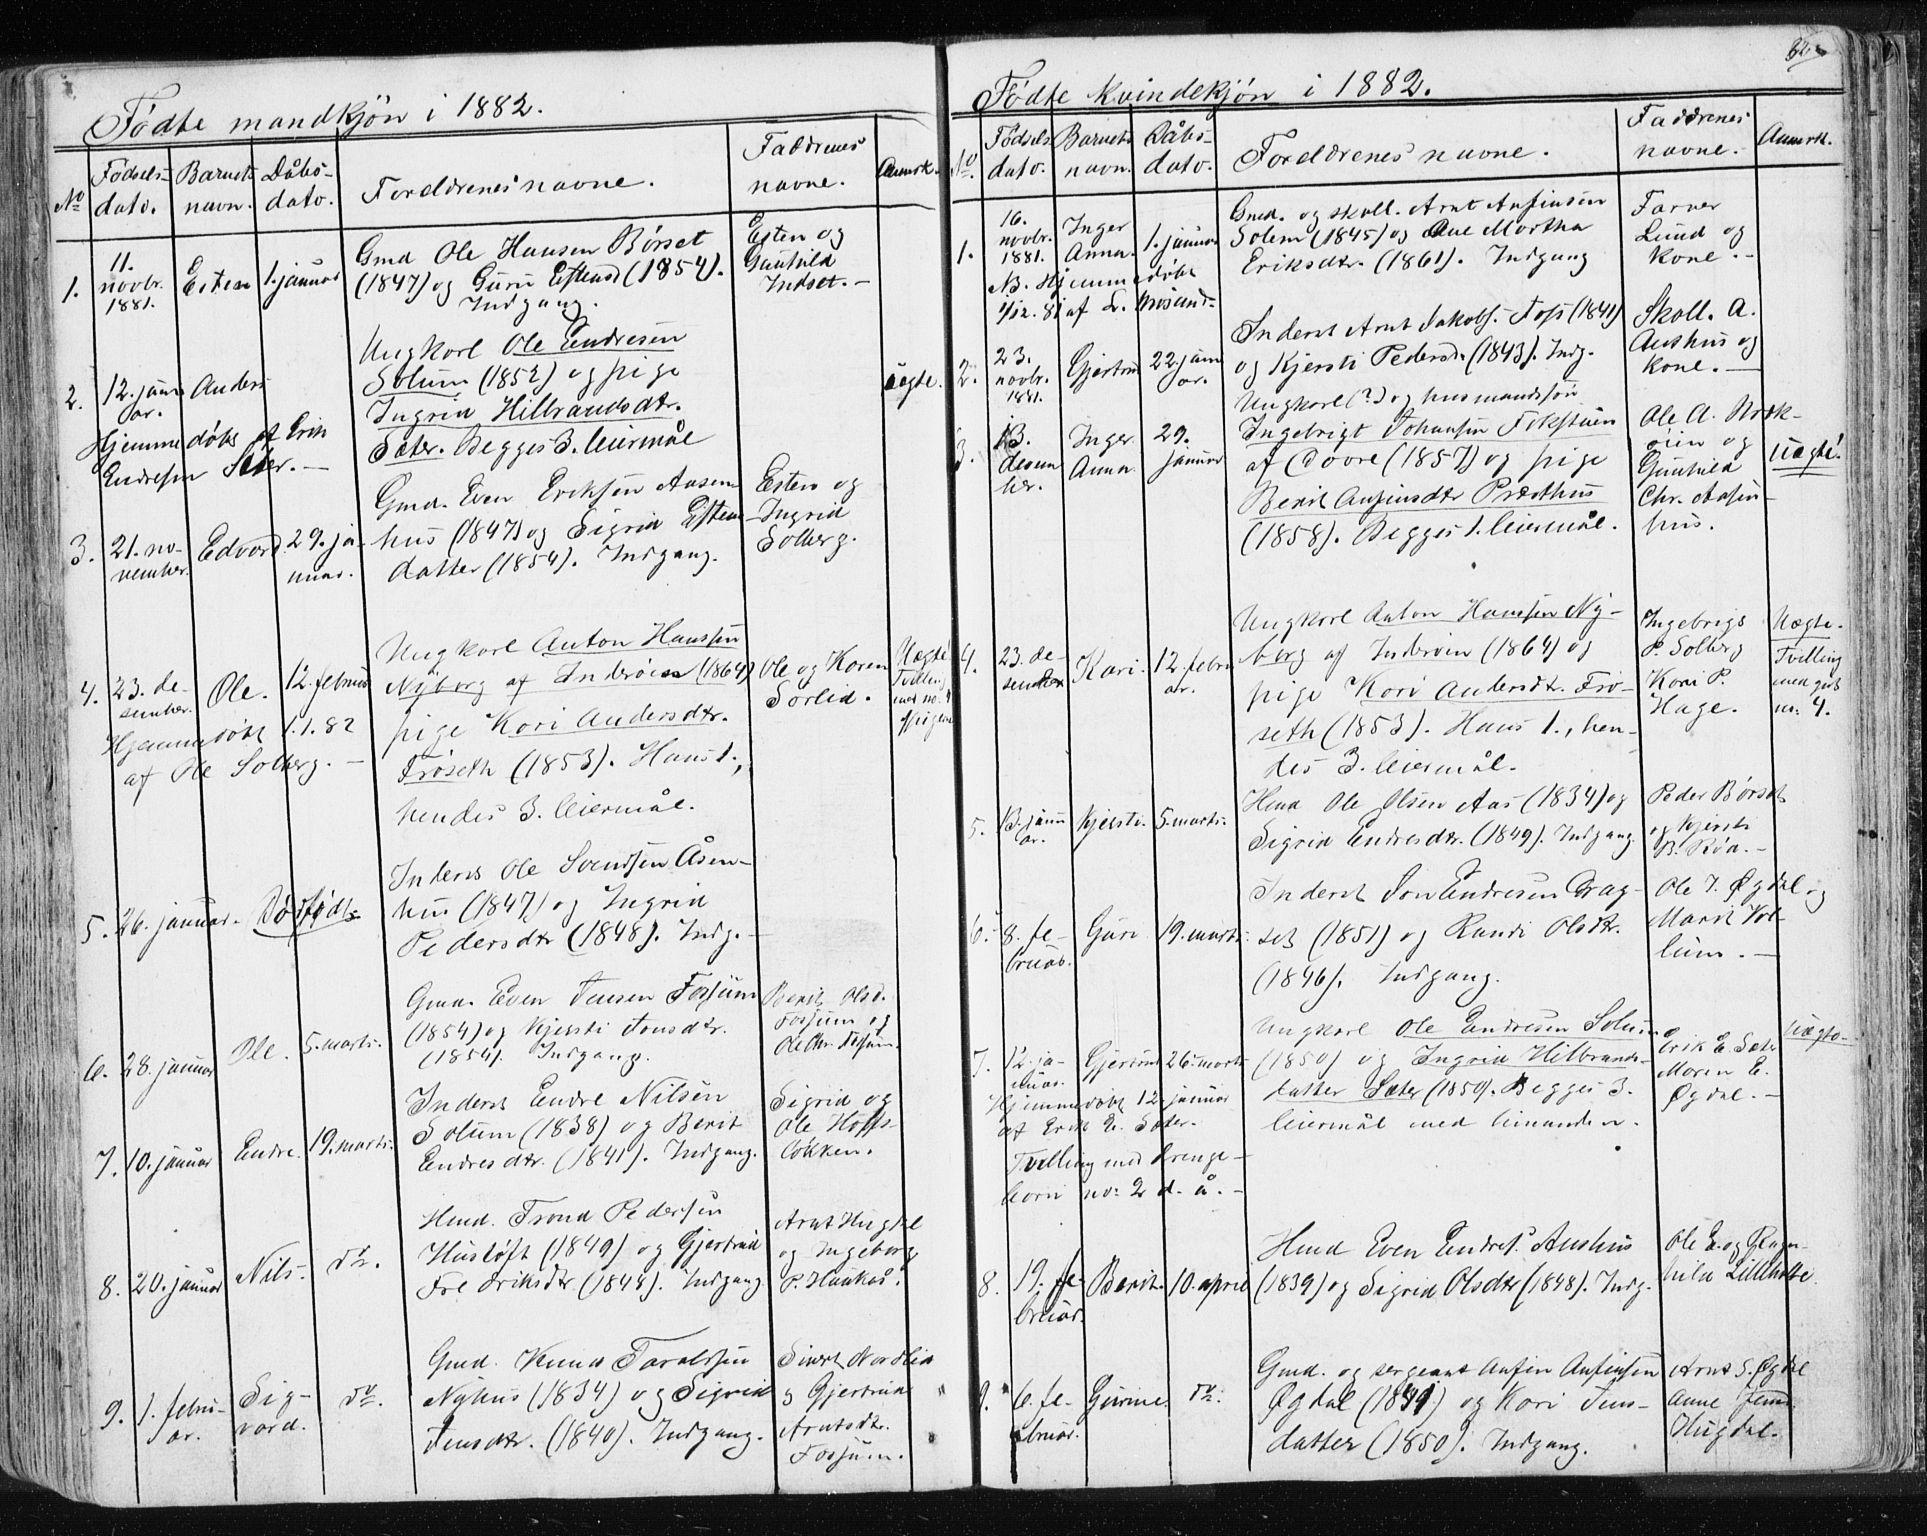 SAT, Ministerialprotokoller, klokkerbøker og fødselsregistre - Sør-Trøndelag, 689/L1043: Klokkerbok nr. 689C02, 1816-1892, s. 326